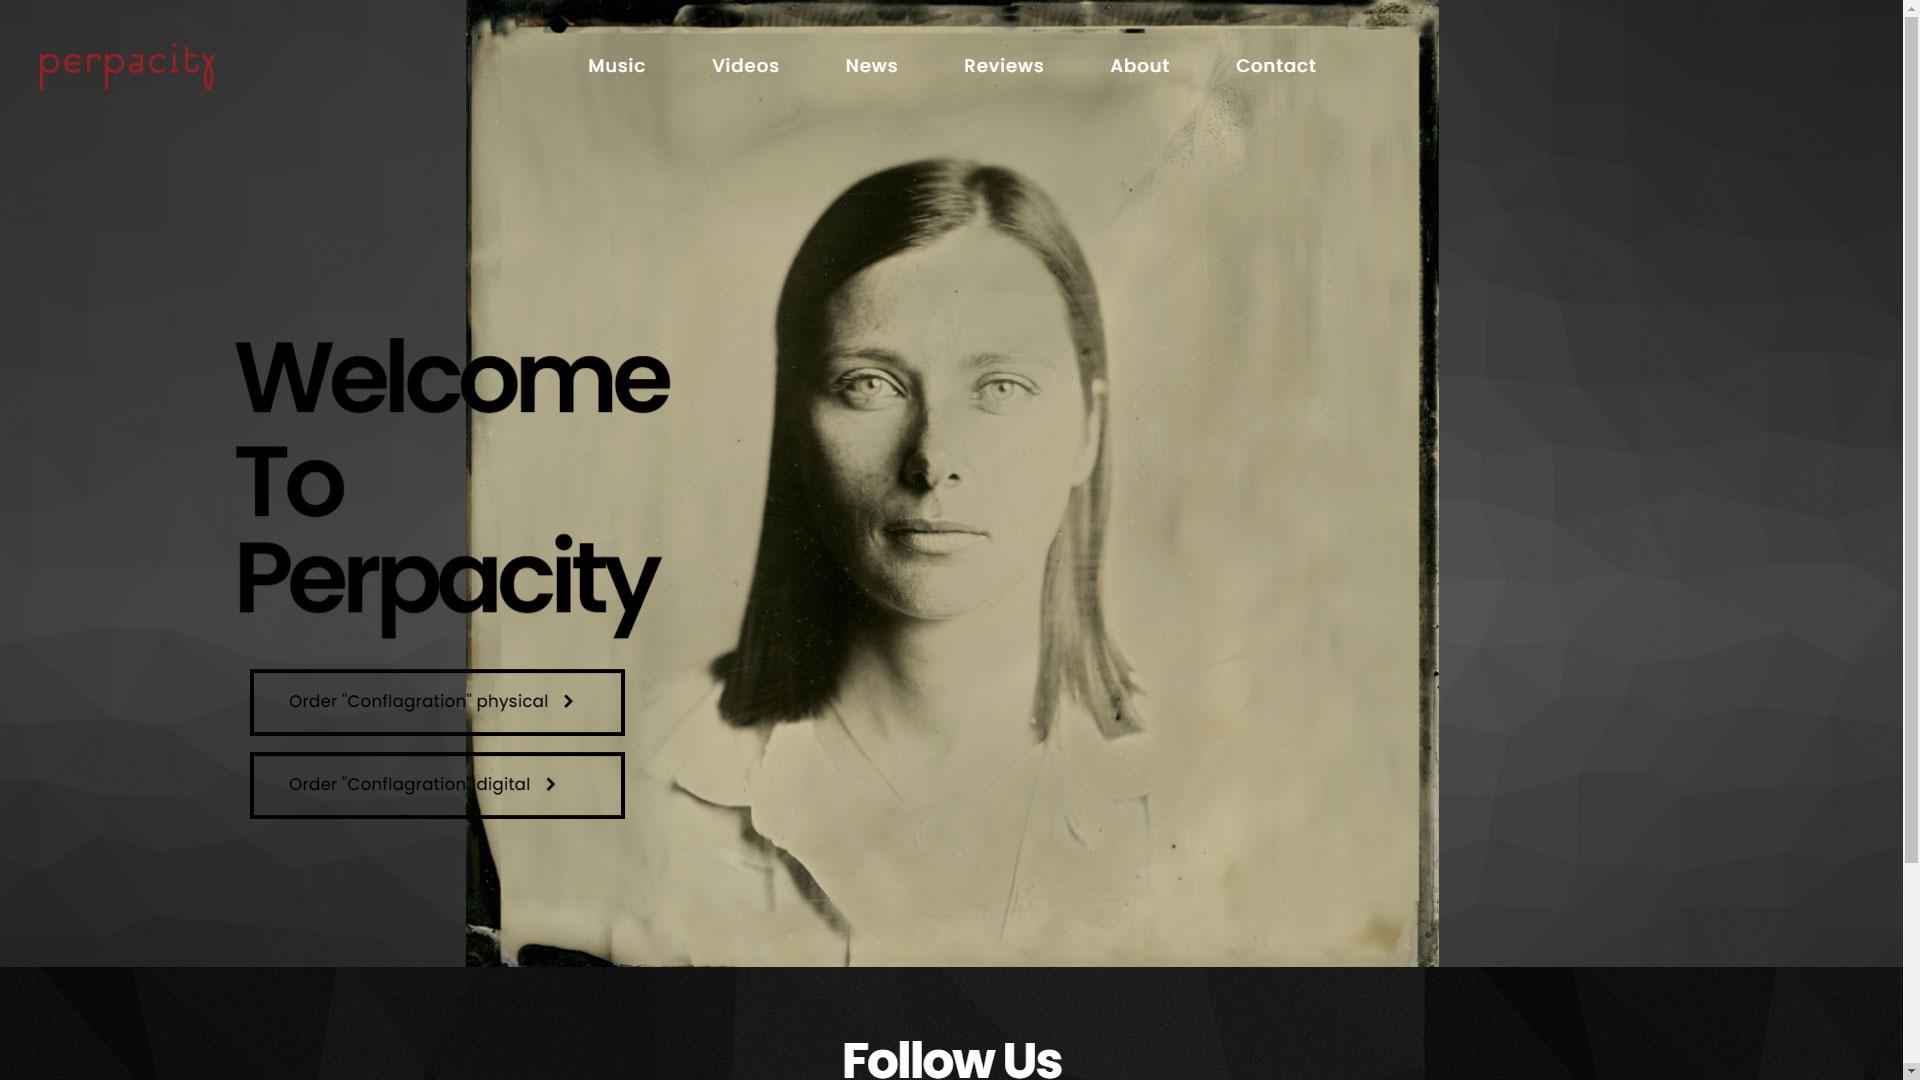 Perpacity website